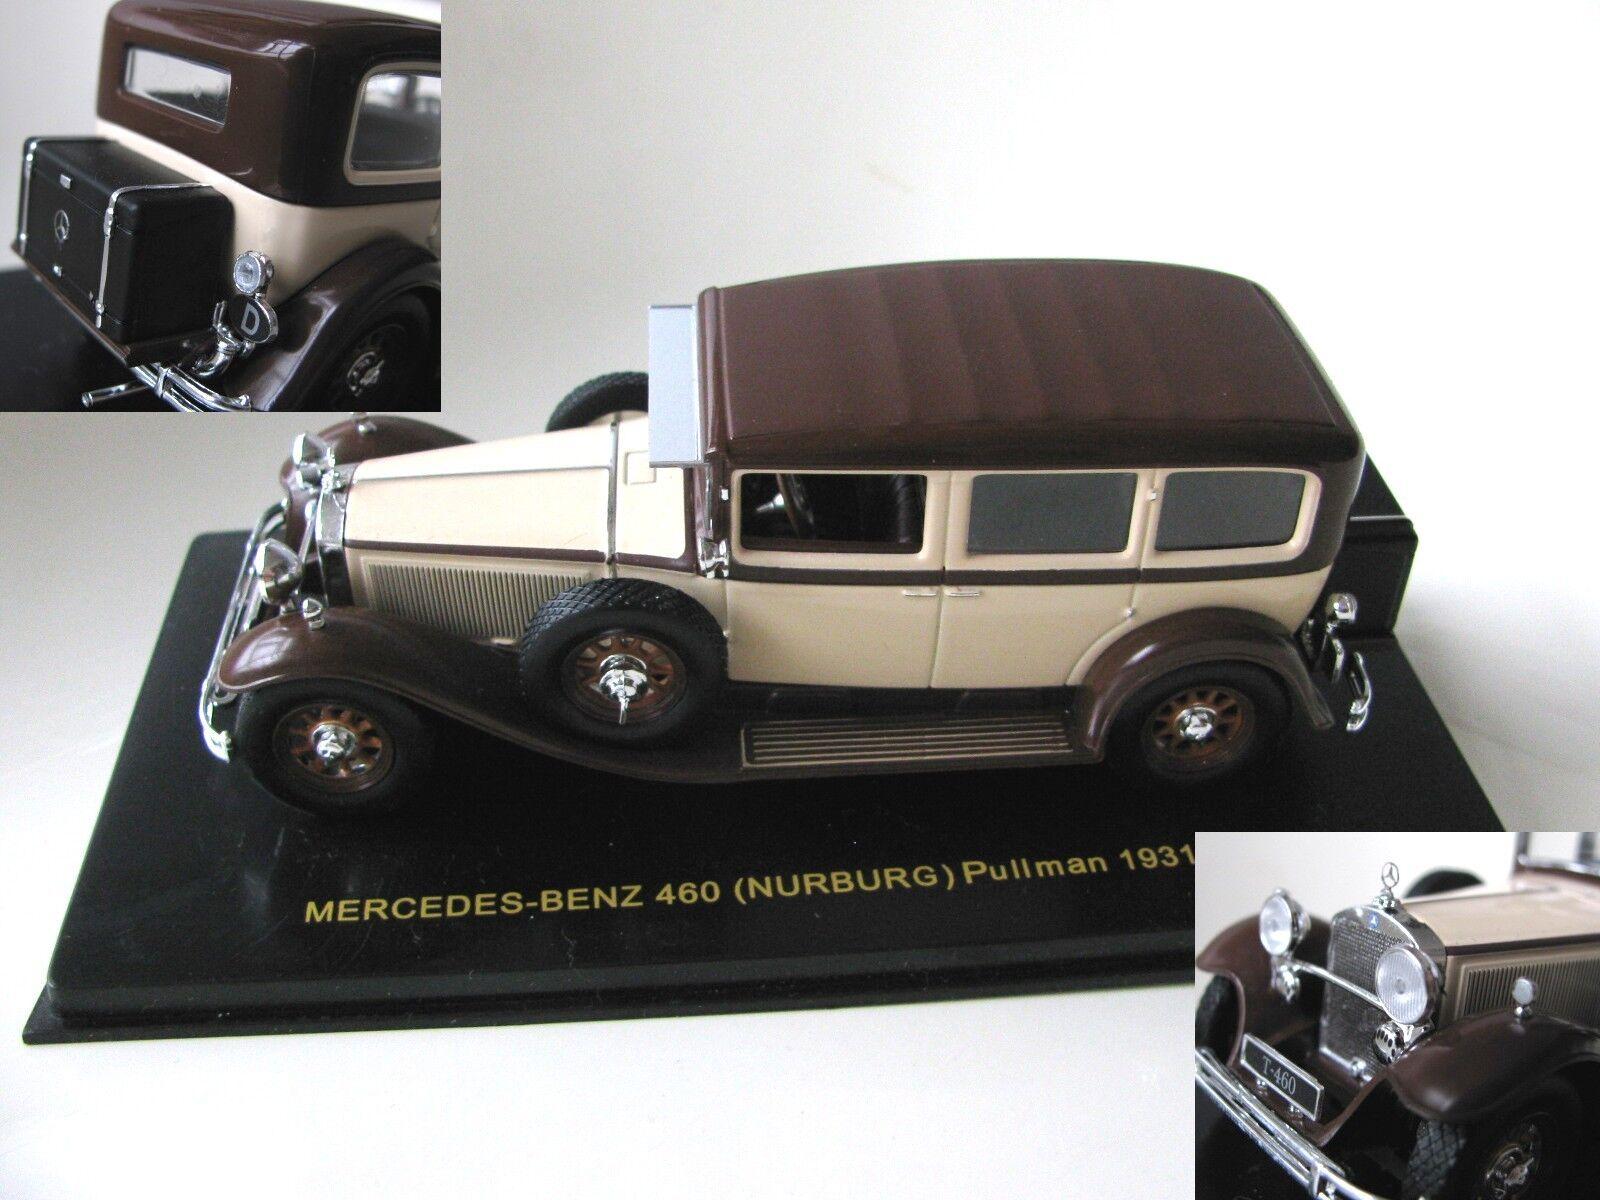 1 43 Mercedes Benz 460 (NURBURG) Pullman W08 (1931) diecast flesh marron